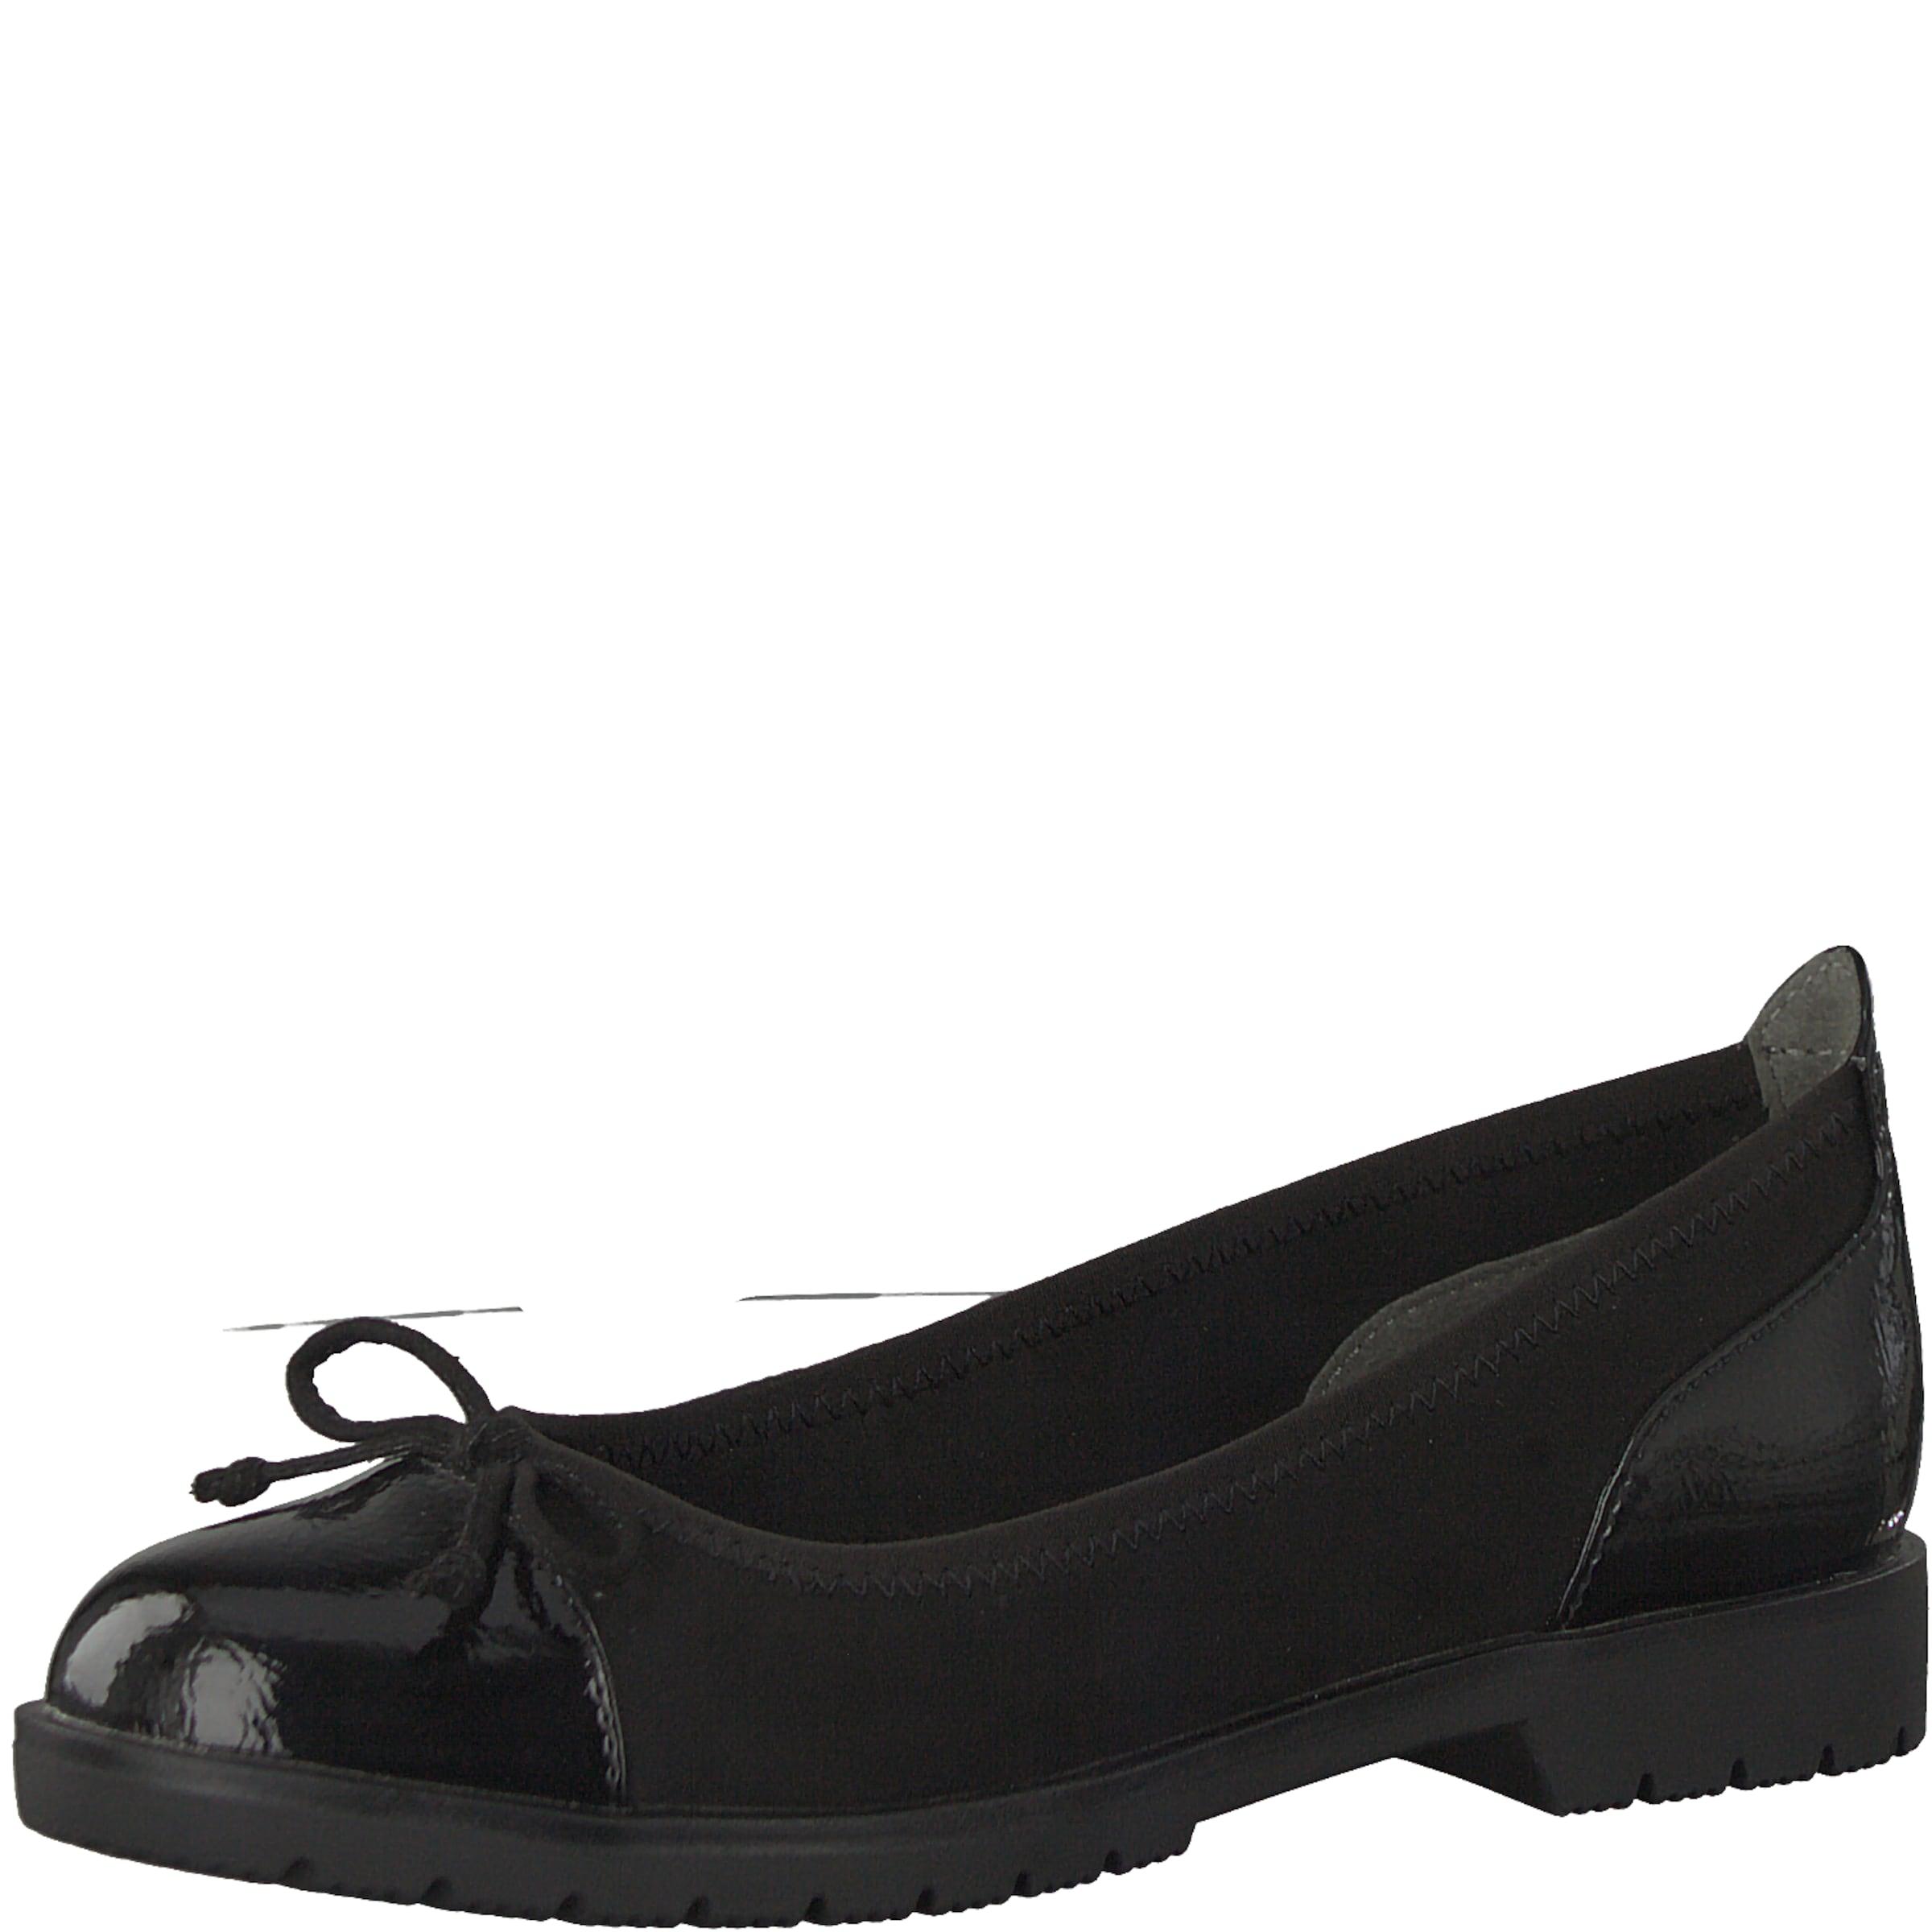 MARCO TOZZI Ballerina Günstige und langlebige Schuhe